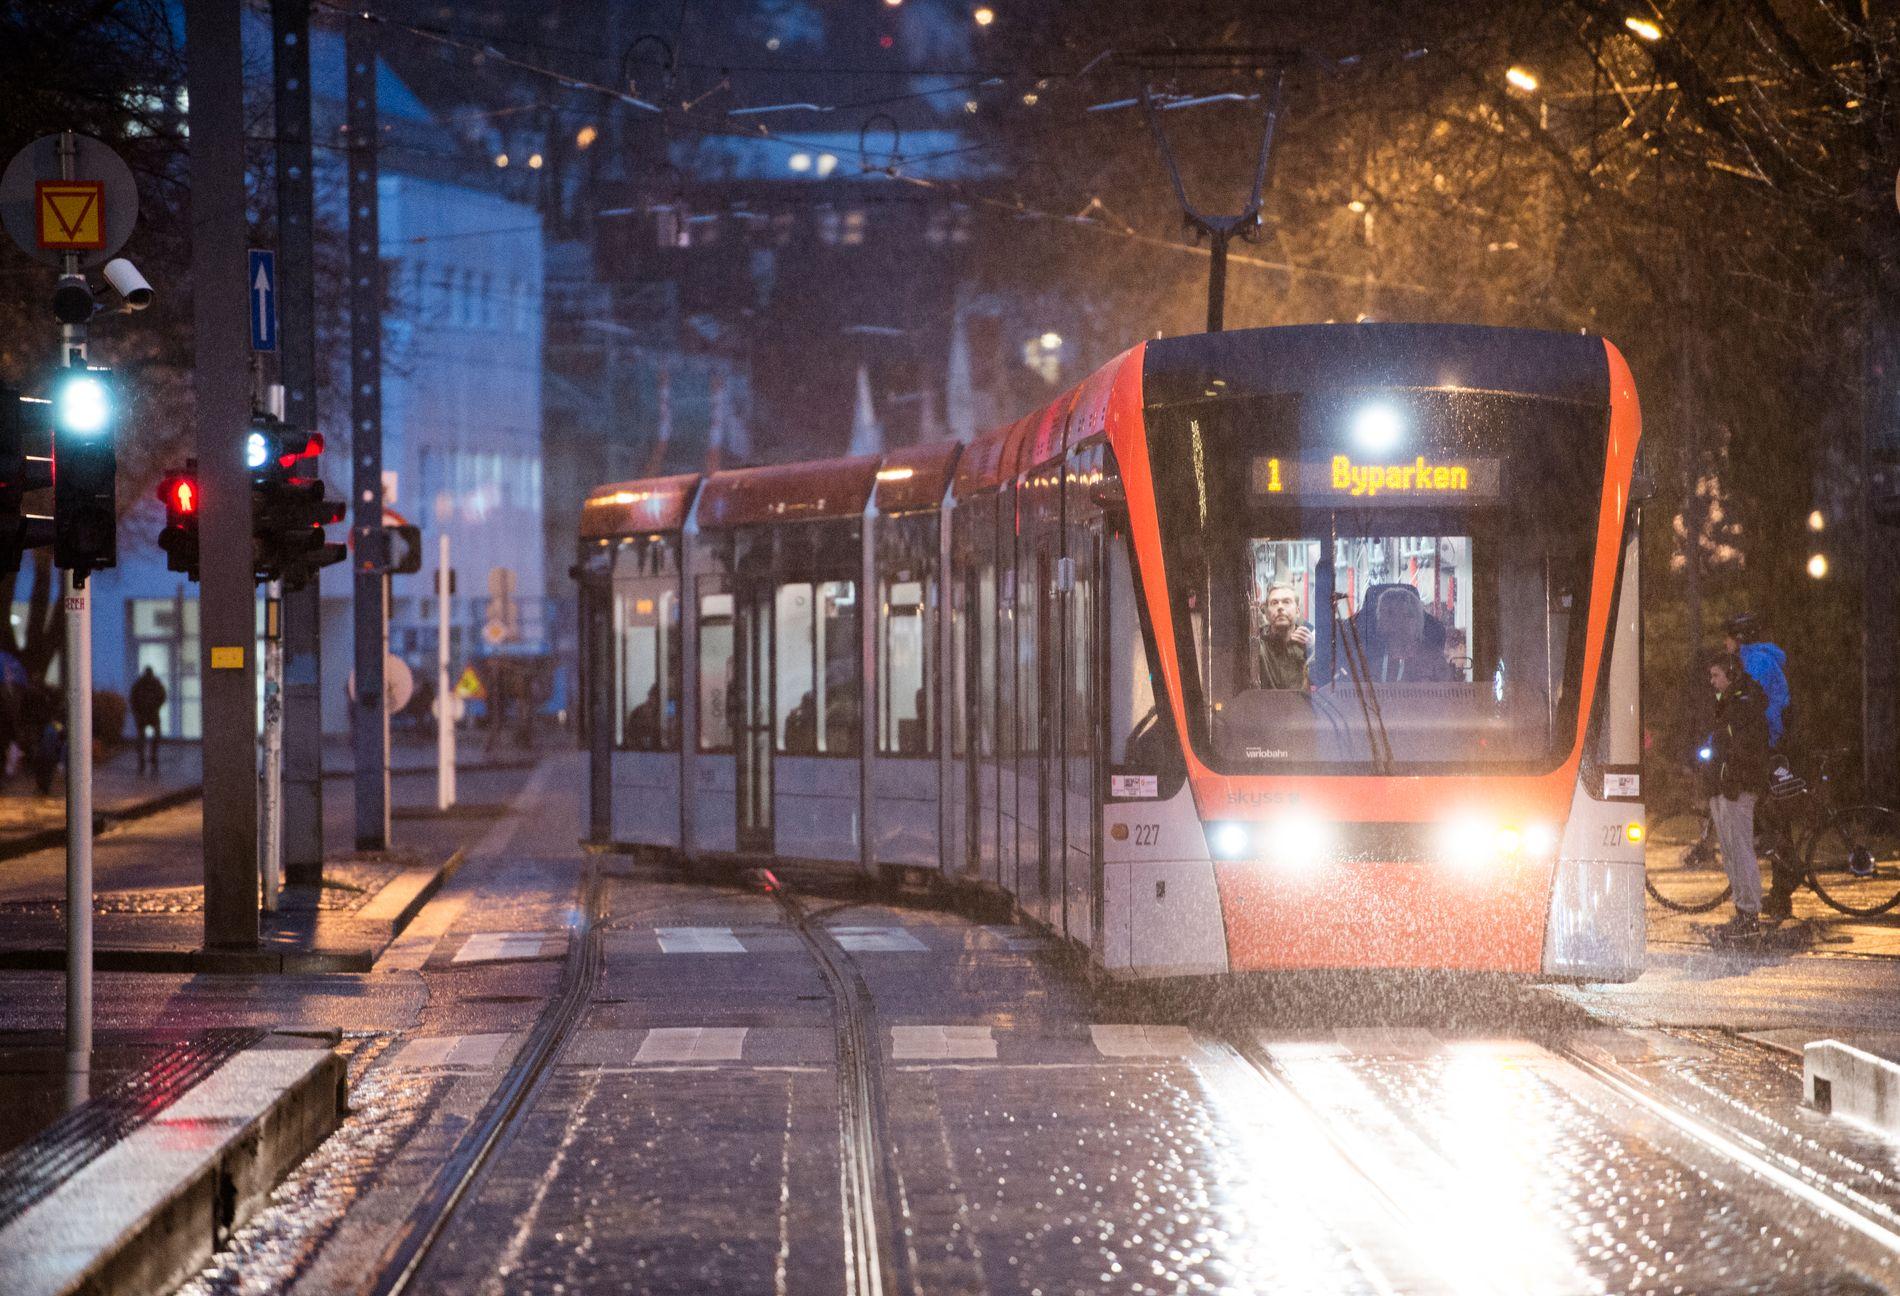 BETRE BY MED BANE: Bergen ville vore ein dårlegare by å bu i, viss mange av dei som i dag tar buss og bybane hadde reist med bil.